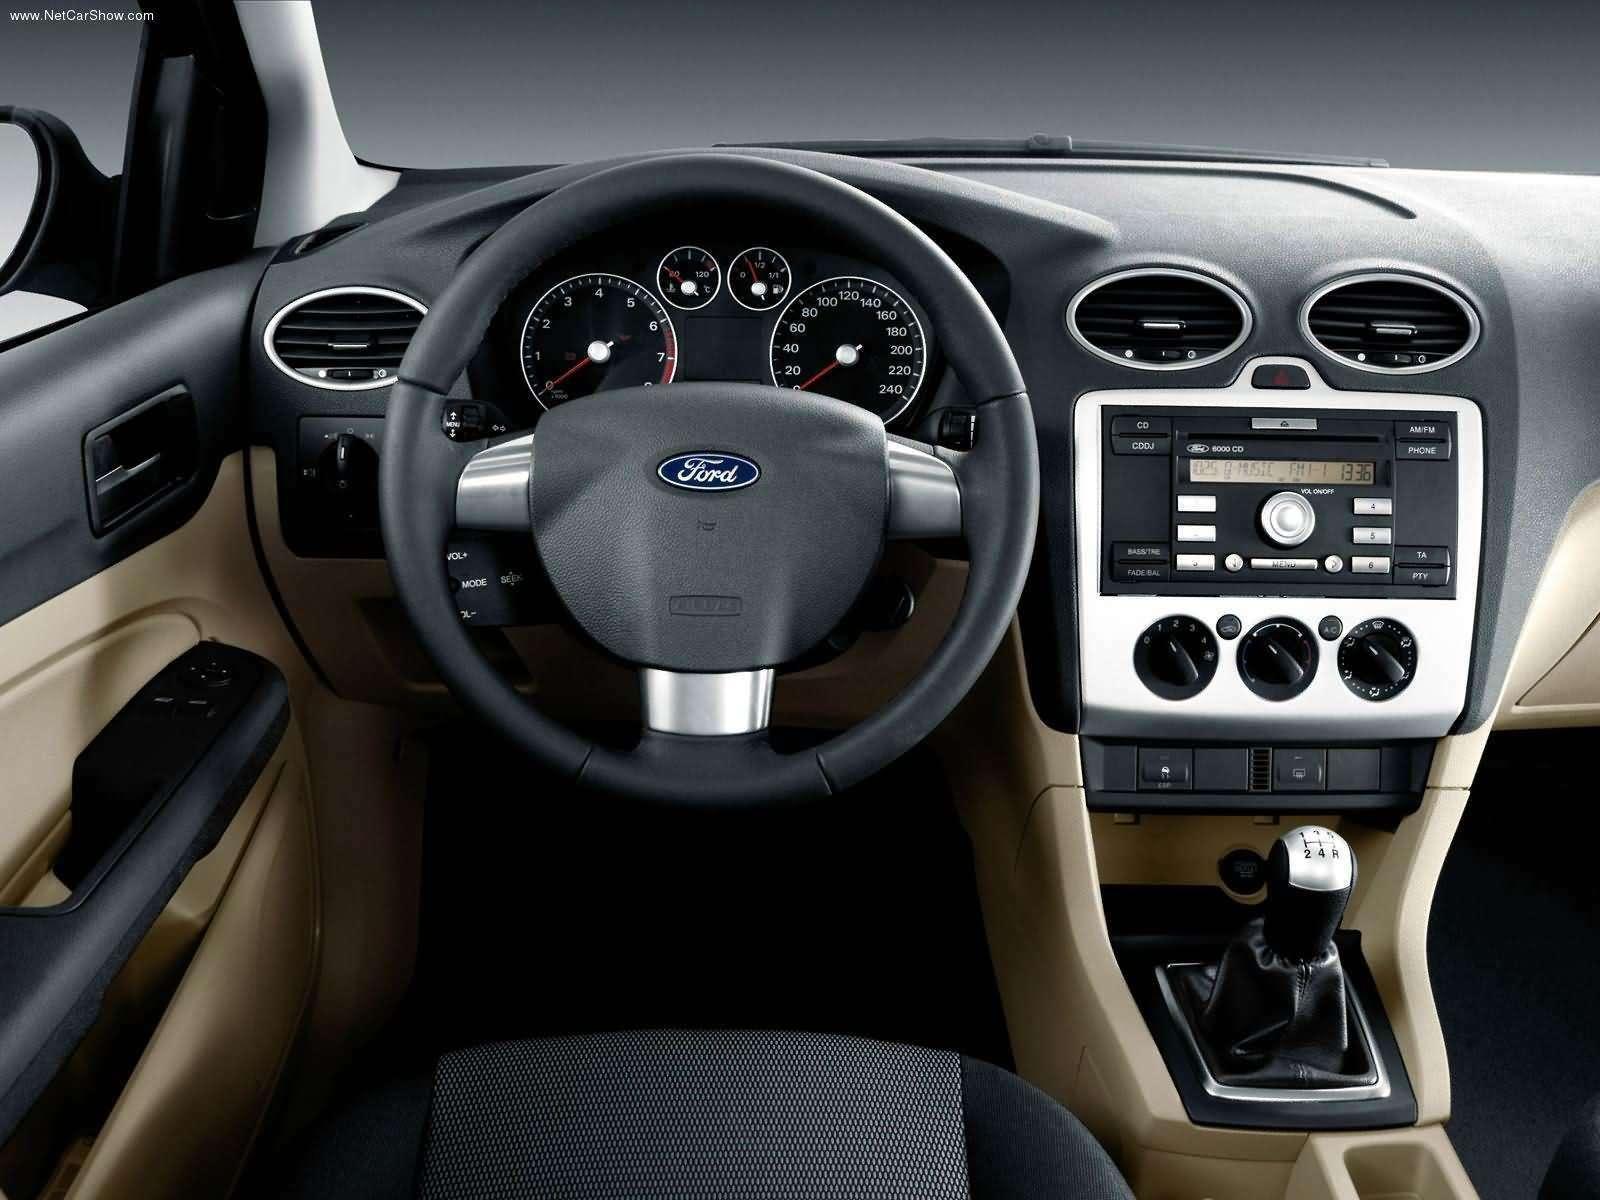 Ford-Focus_TDCi_5door_European_Version_2004_1600x1200_wallpaper_13